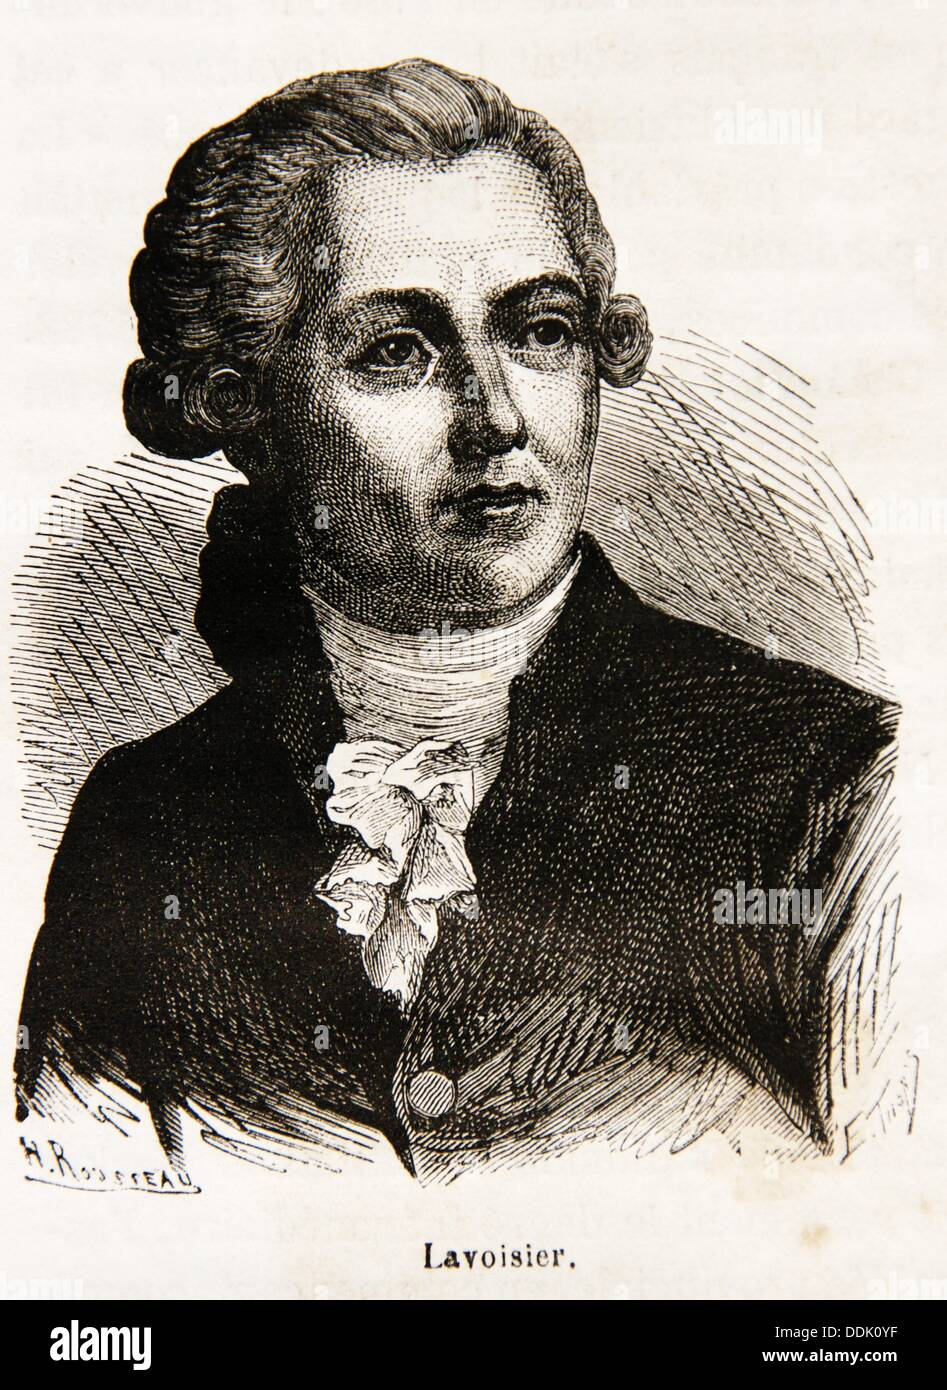 antoine laurent lavoisier Antoine laurent de lavoisier (1743,1794) chimiste français, né à paris, le 26  août 1743 et, mort à paris, le 8 mai 1794 fils d'un procureur au parlement.